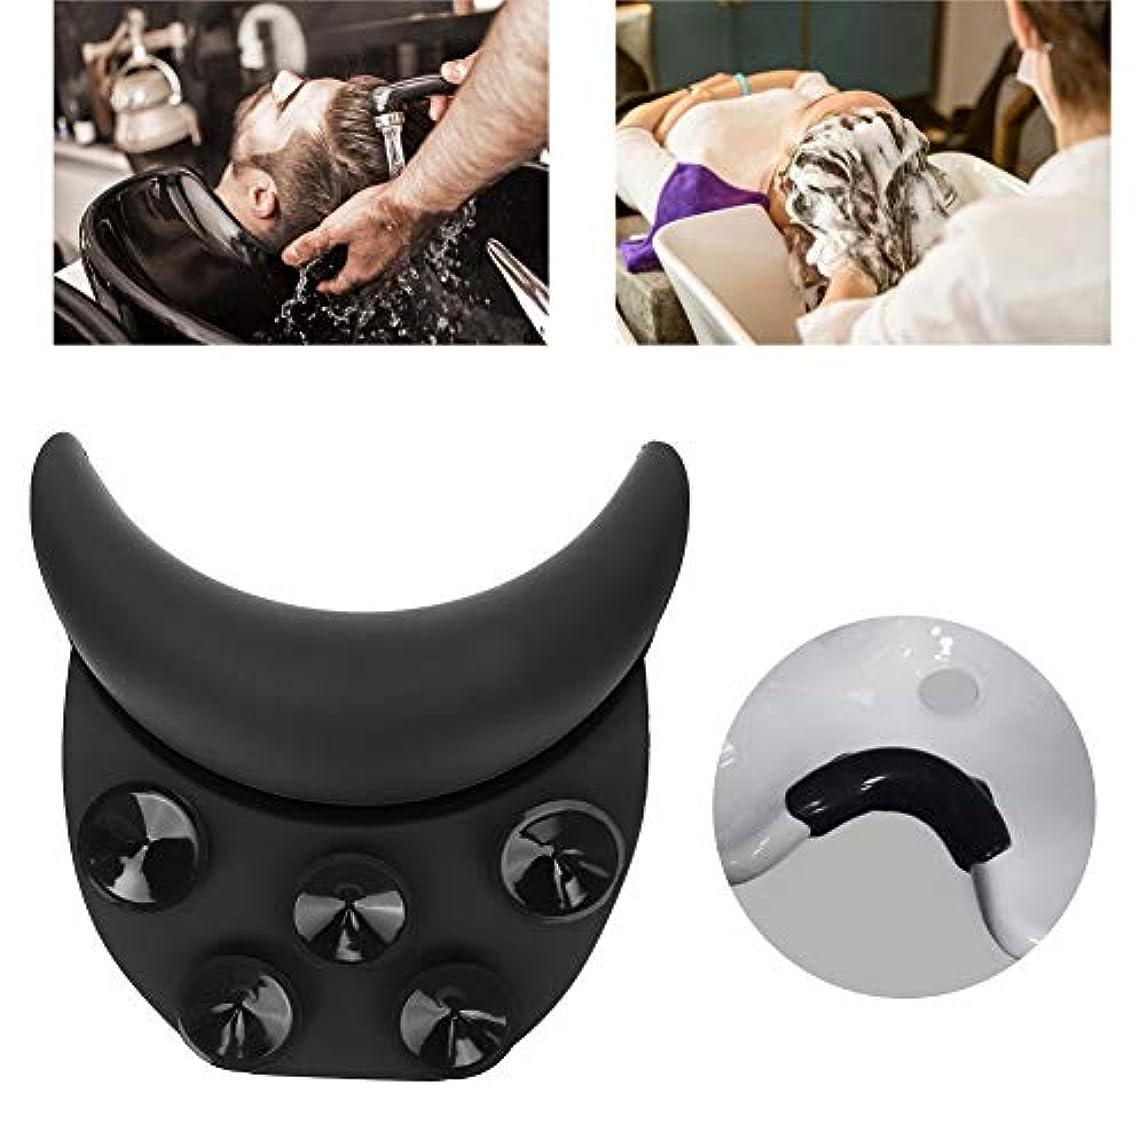 石灰岩誤海峡ソフト シリコンカーブ枕 シャンプーベッド ネックレスト 髪洗浄枕理髪ツール